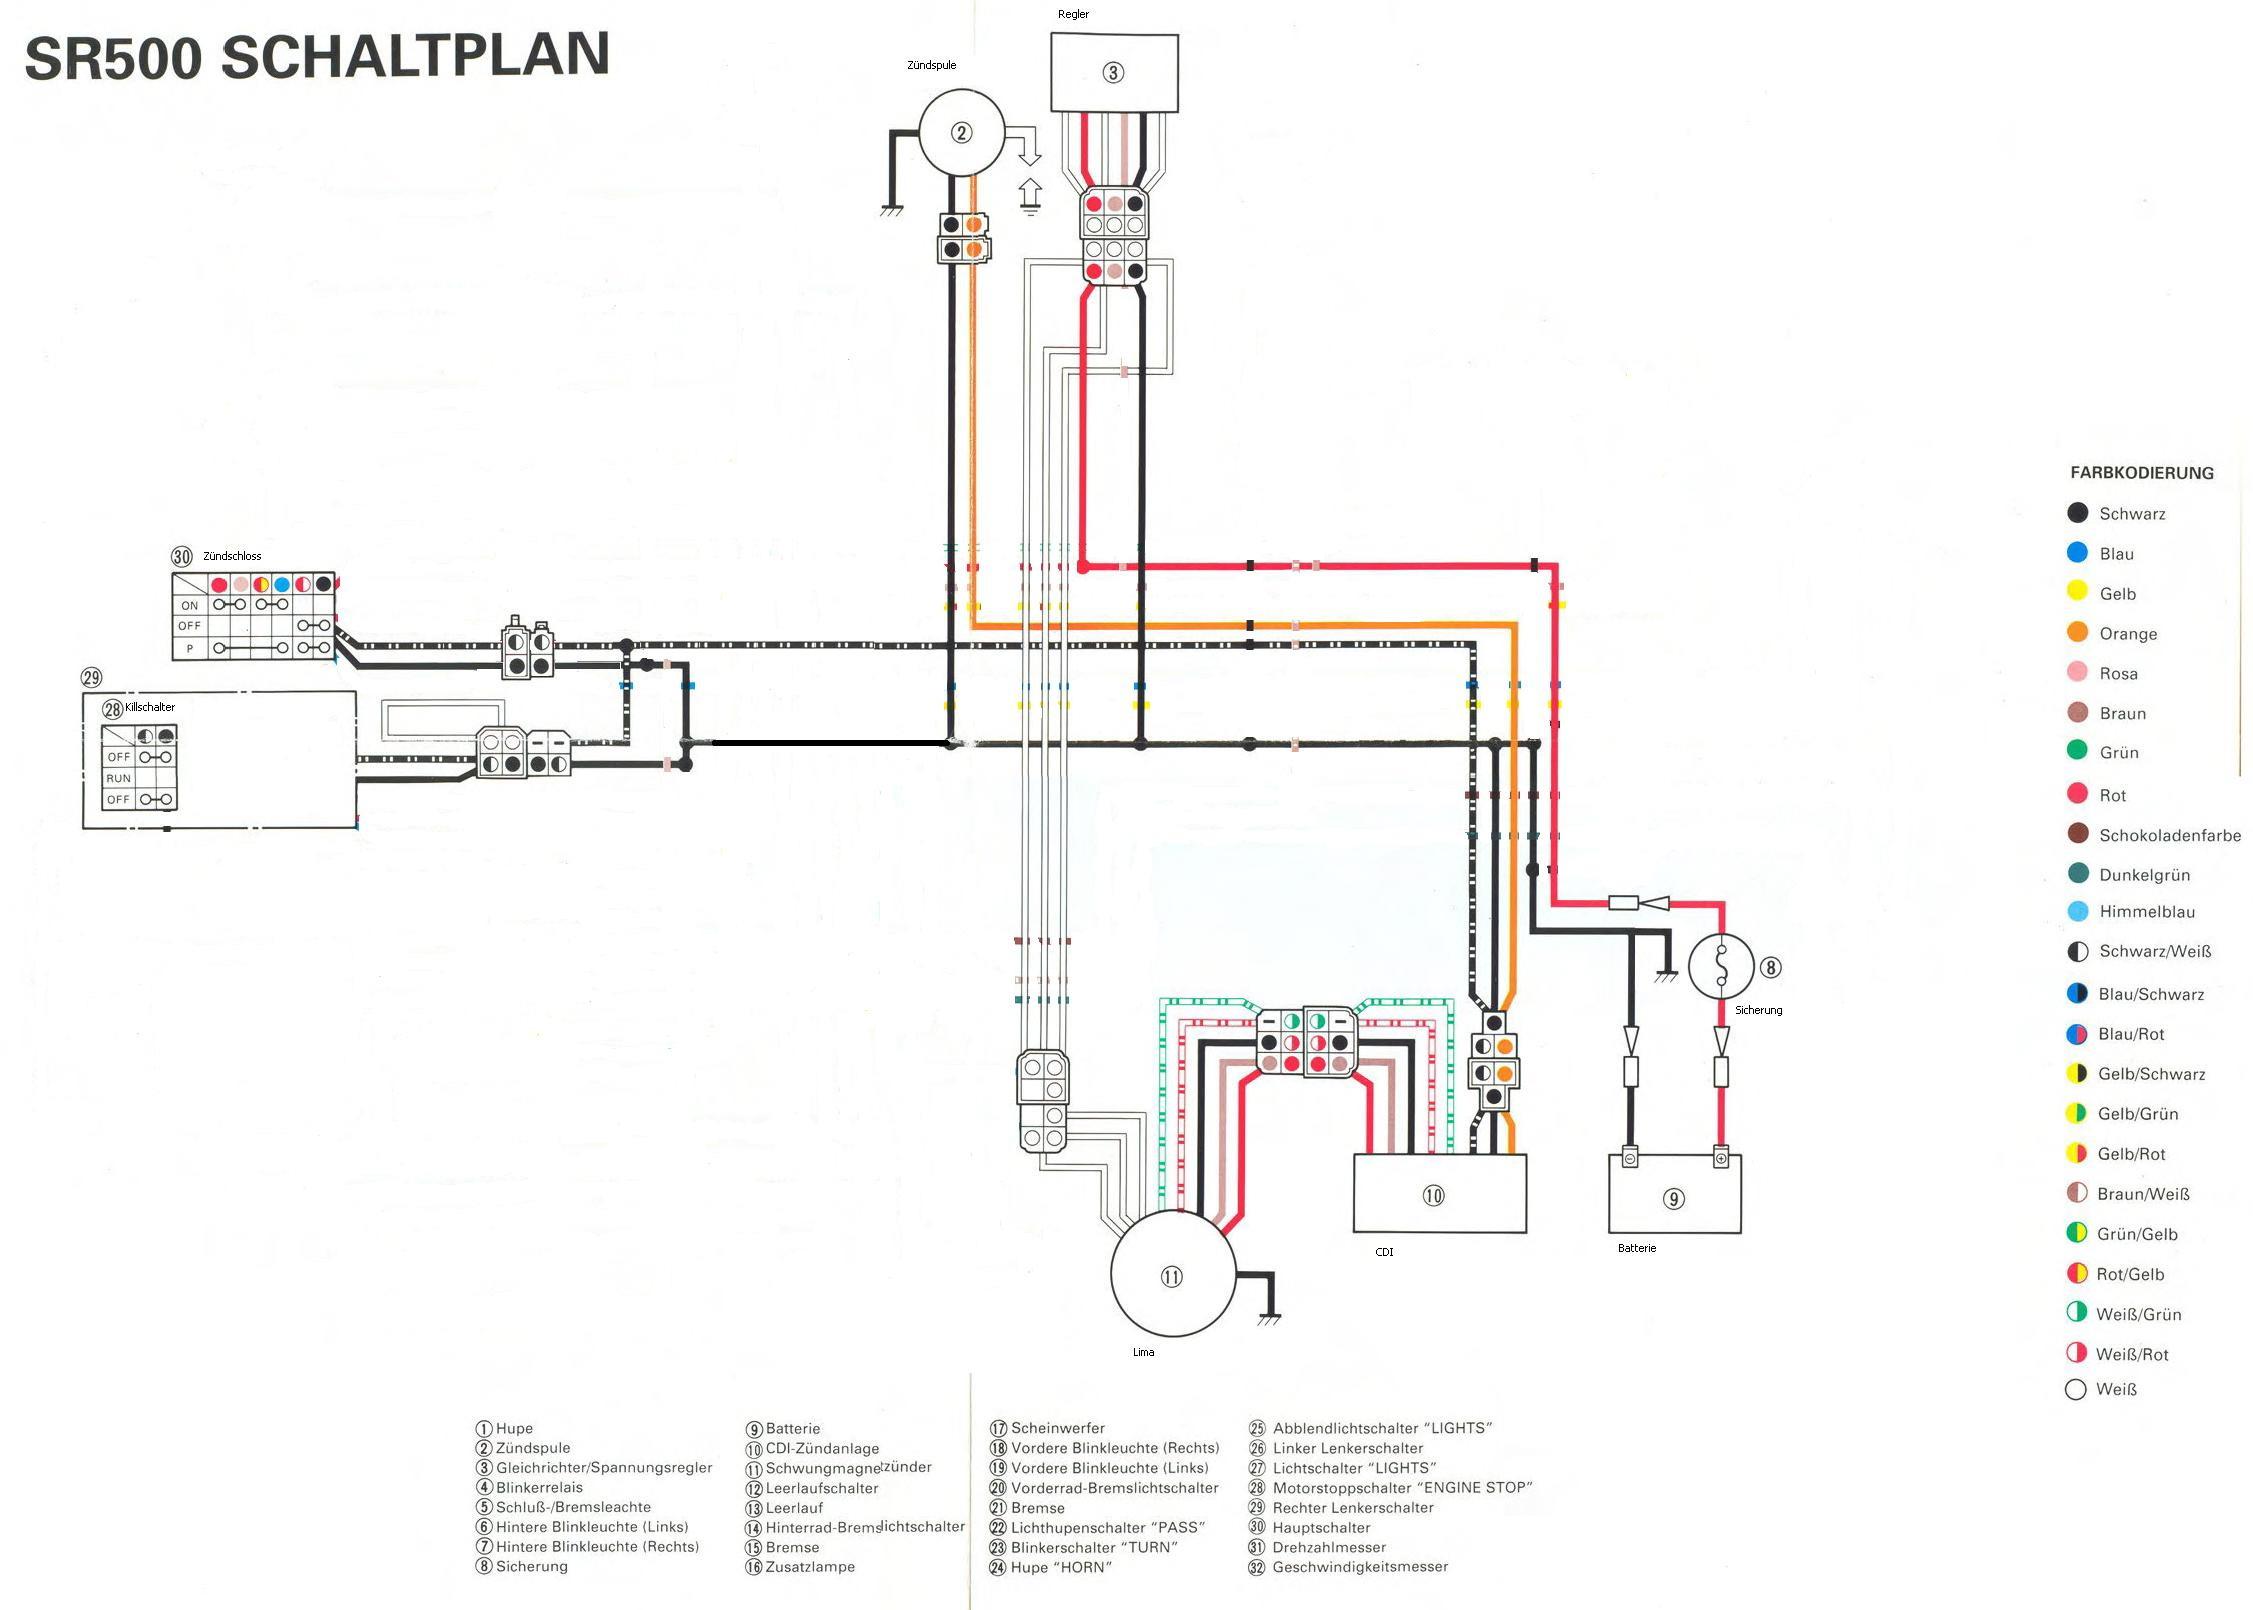 Fantastisch Einfacher Motorrad Schaltplan Bilder - Der Schaltplan ...